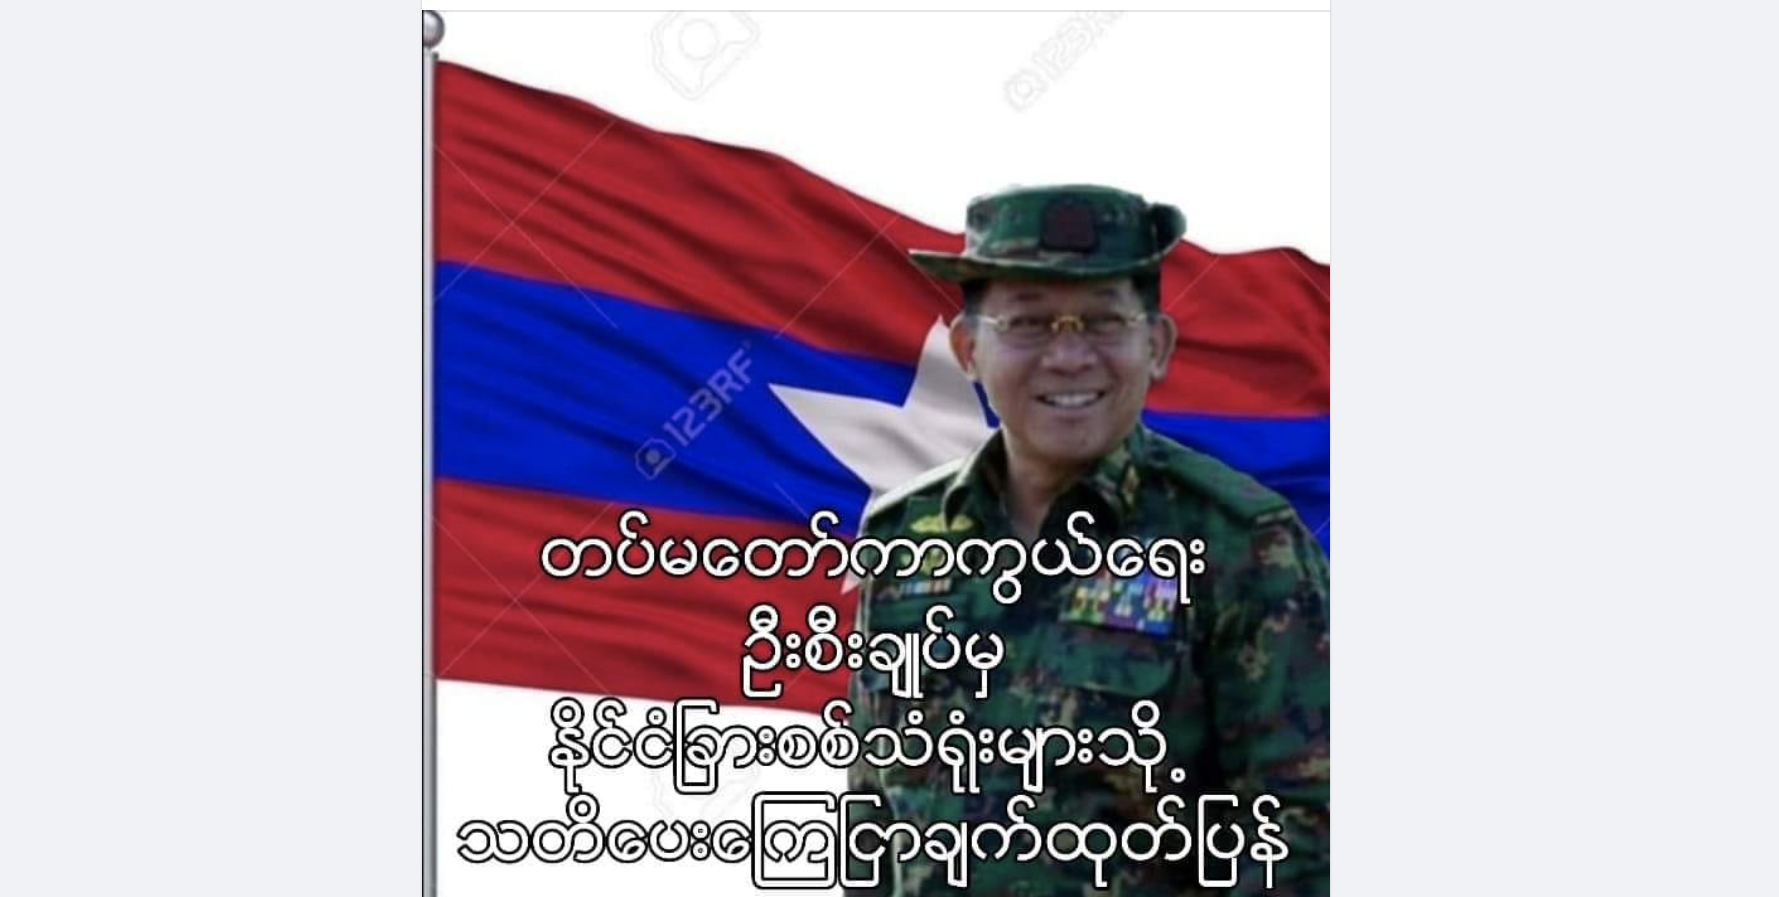 တပ်မတော်က သံရုံးများကို သတိပေးကြောင်း ဖေ့စ်ဘွတ်ခ်တွင် ပျံ့နှံ့နေသည့် သတင်းတုကို မြင်တွေ့ရစဉ်။ (ဖရွန်းတီးယားမြန်မာ)